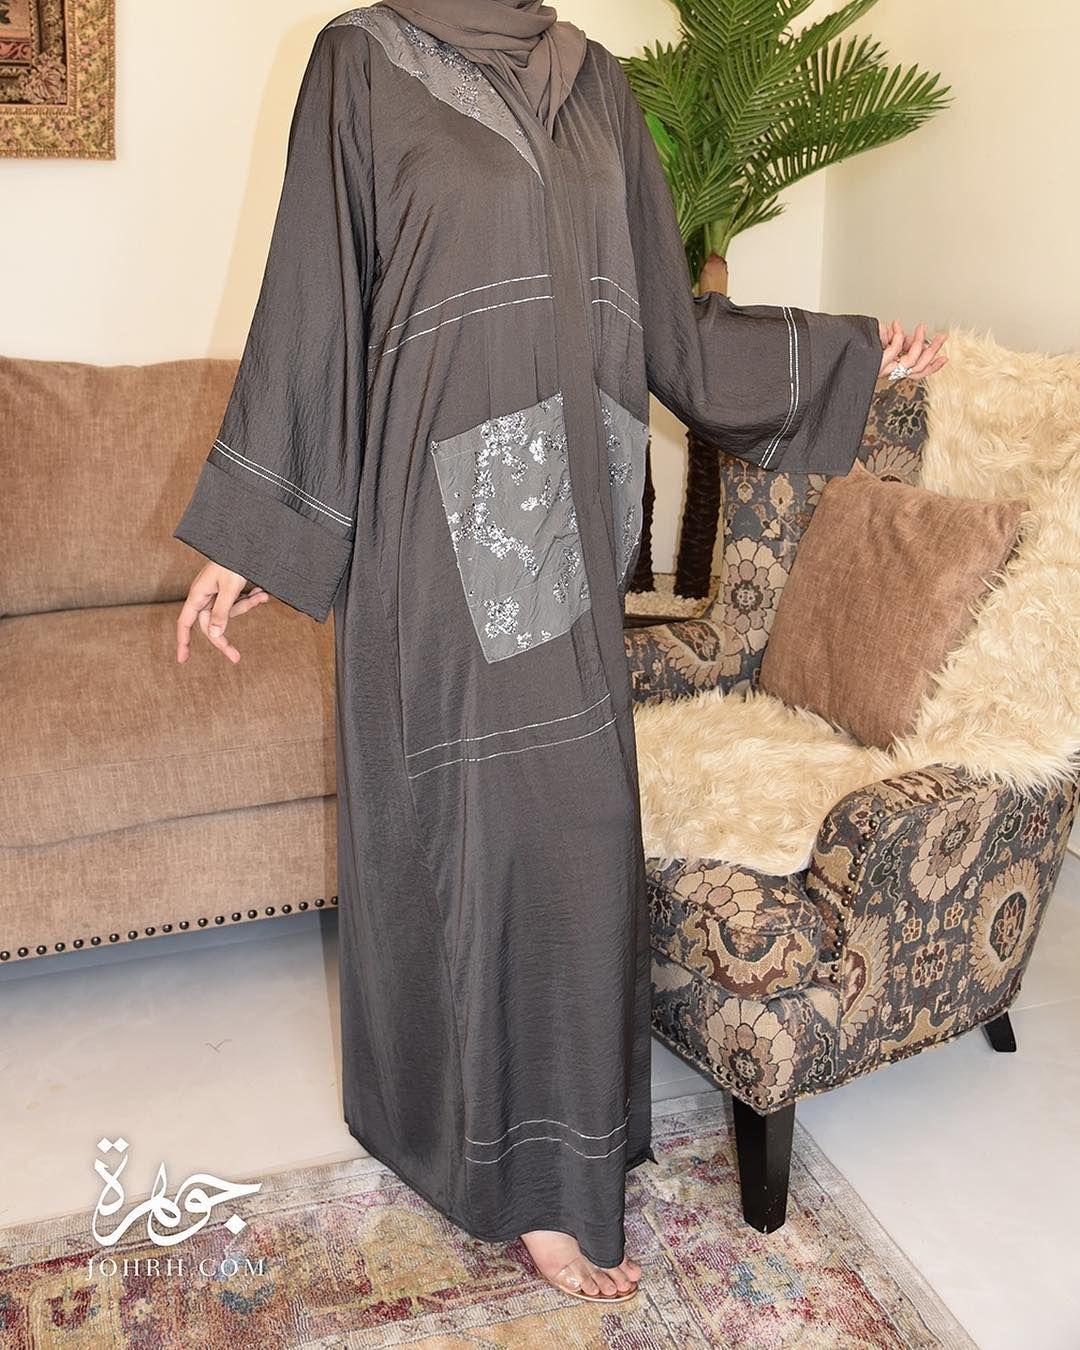 تصميم بخامة الحرير المغسول بلون رمادي متوسط مع جيوب كبيرة بقماش مزين كما يزين العباءة بصفين من الخطوط اللامعة في الكم والعباءة رقم المو Kimono Top Fashion Tops